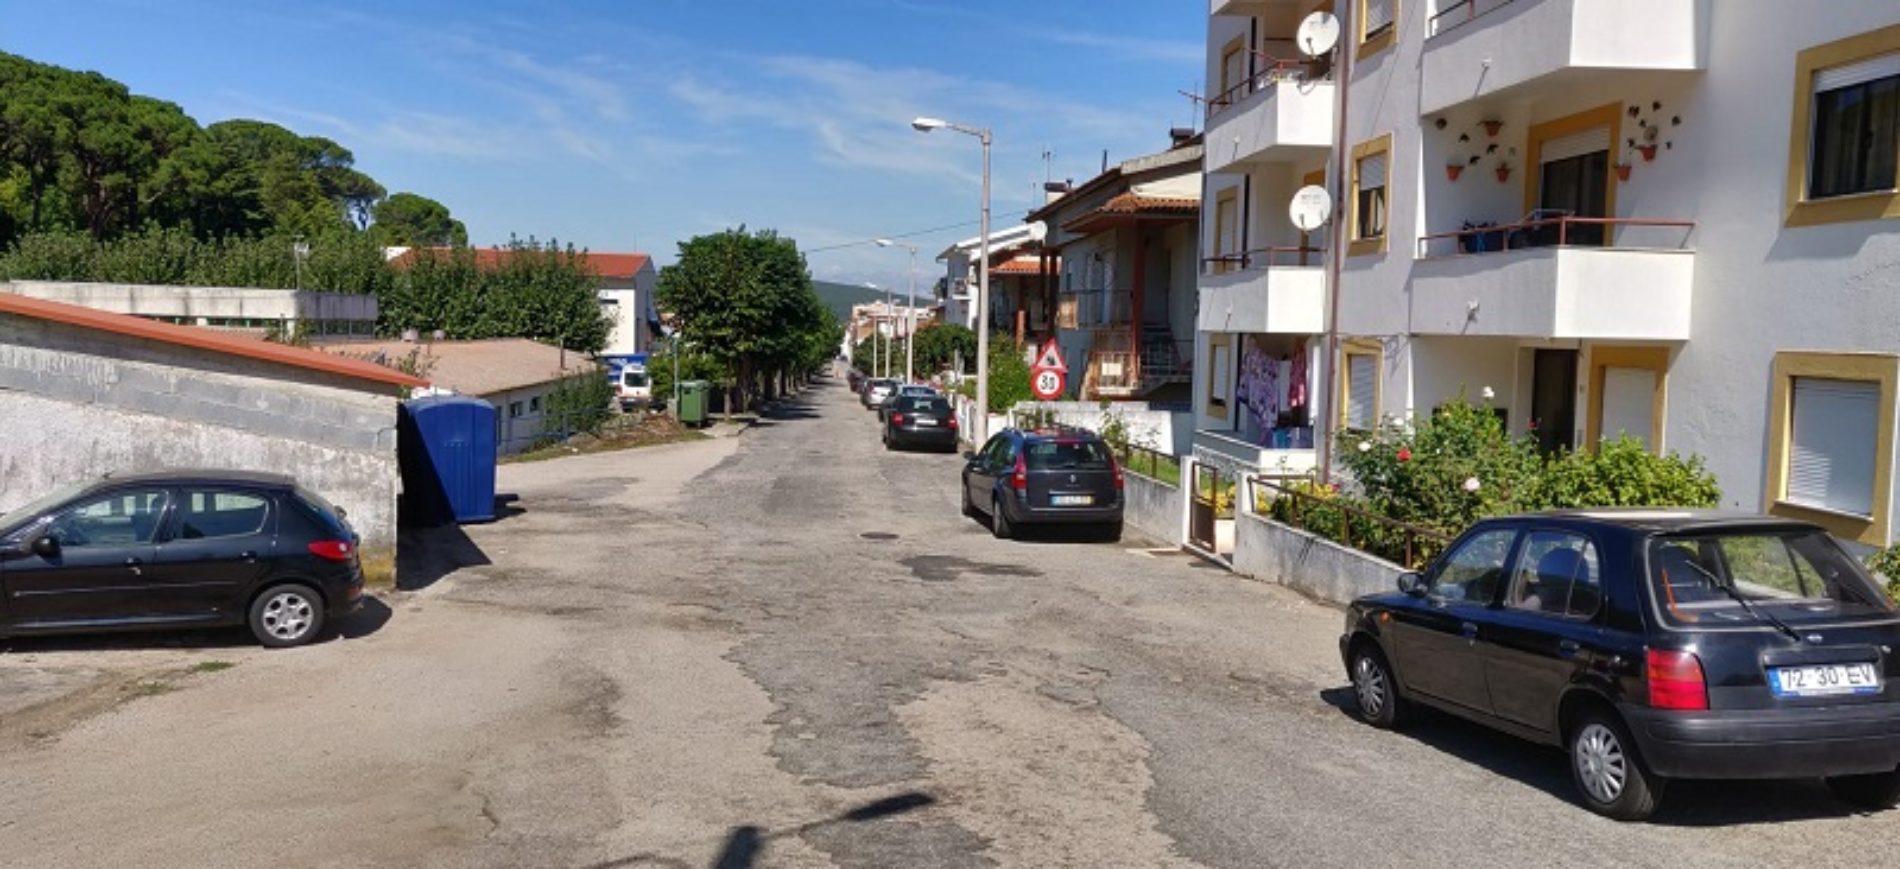 Arganil: Investimento de 385 mil euros para reabilitação de ruas